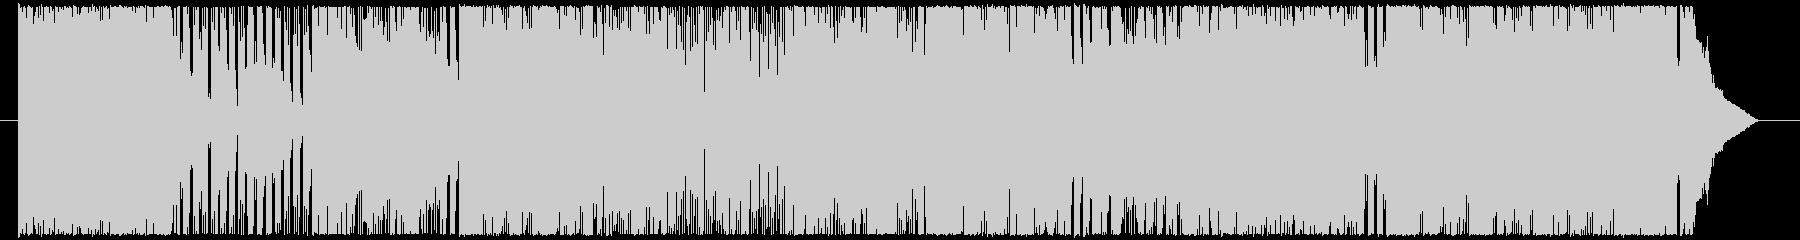 空に星が降るキラキラパワーポップの未再生の波形